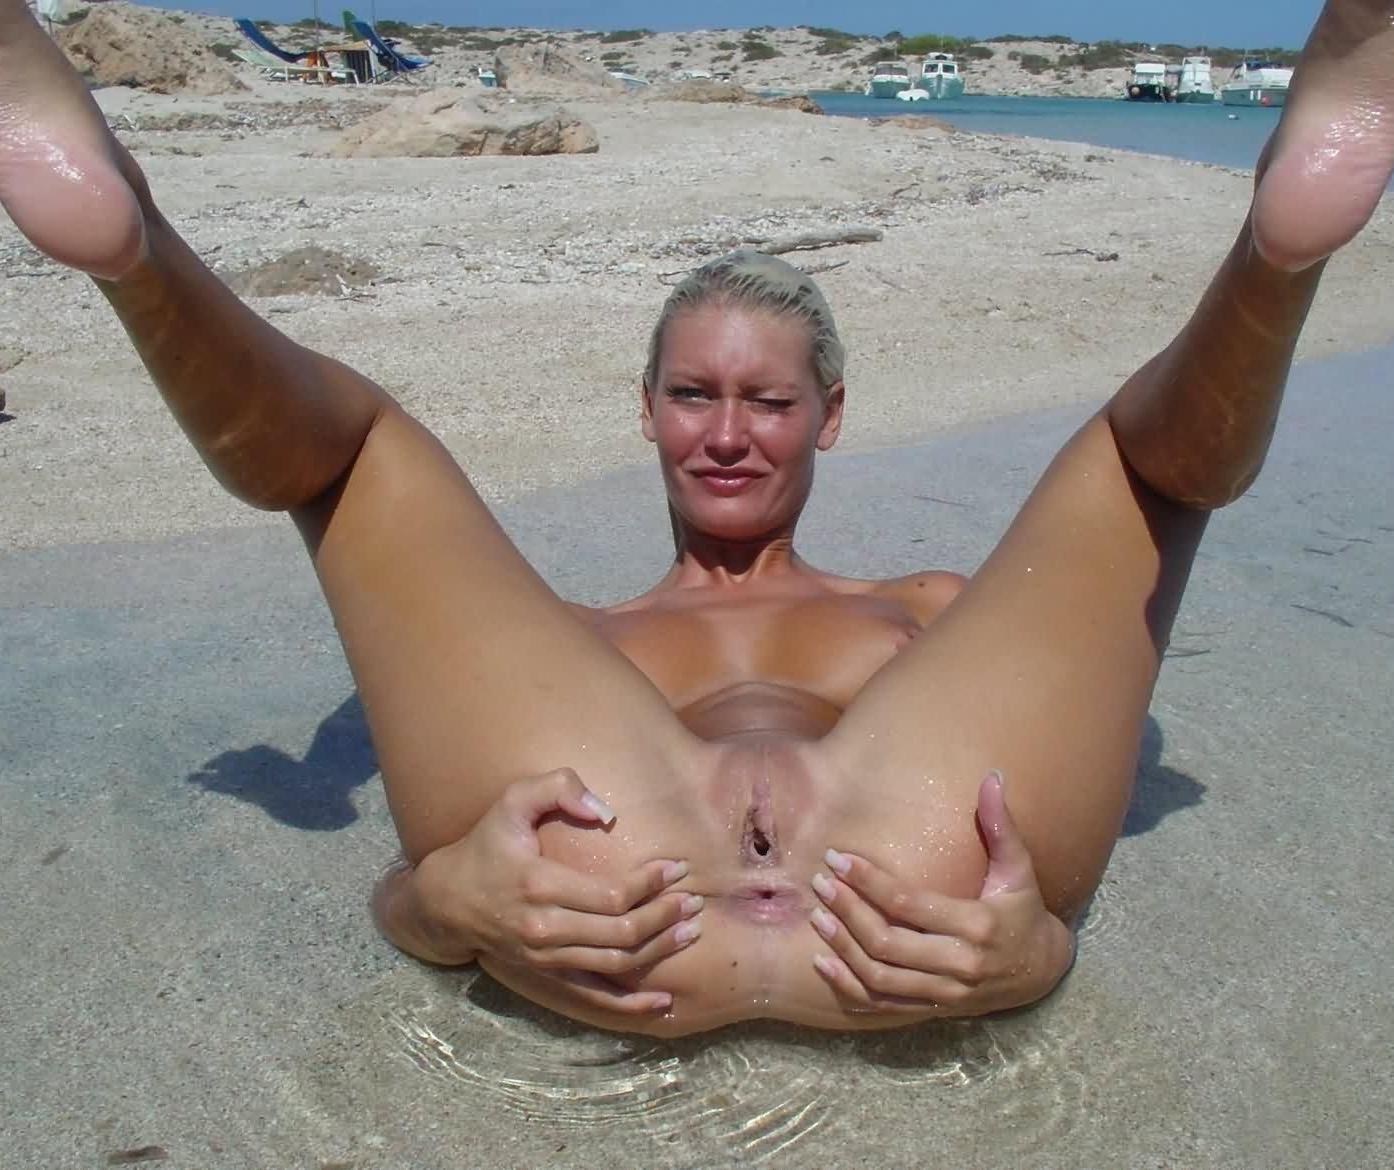 Смотреть фотки про голых мужчин на пляже толстушки 27 фотография